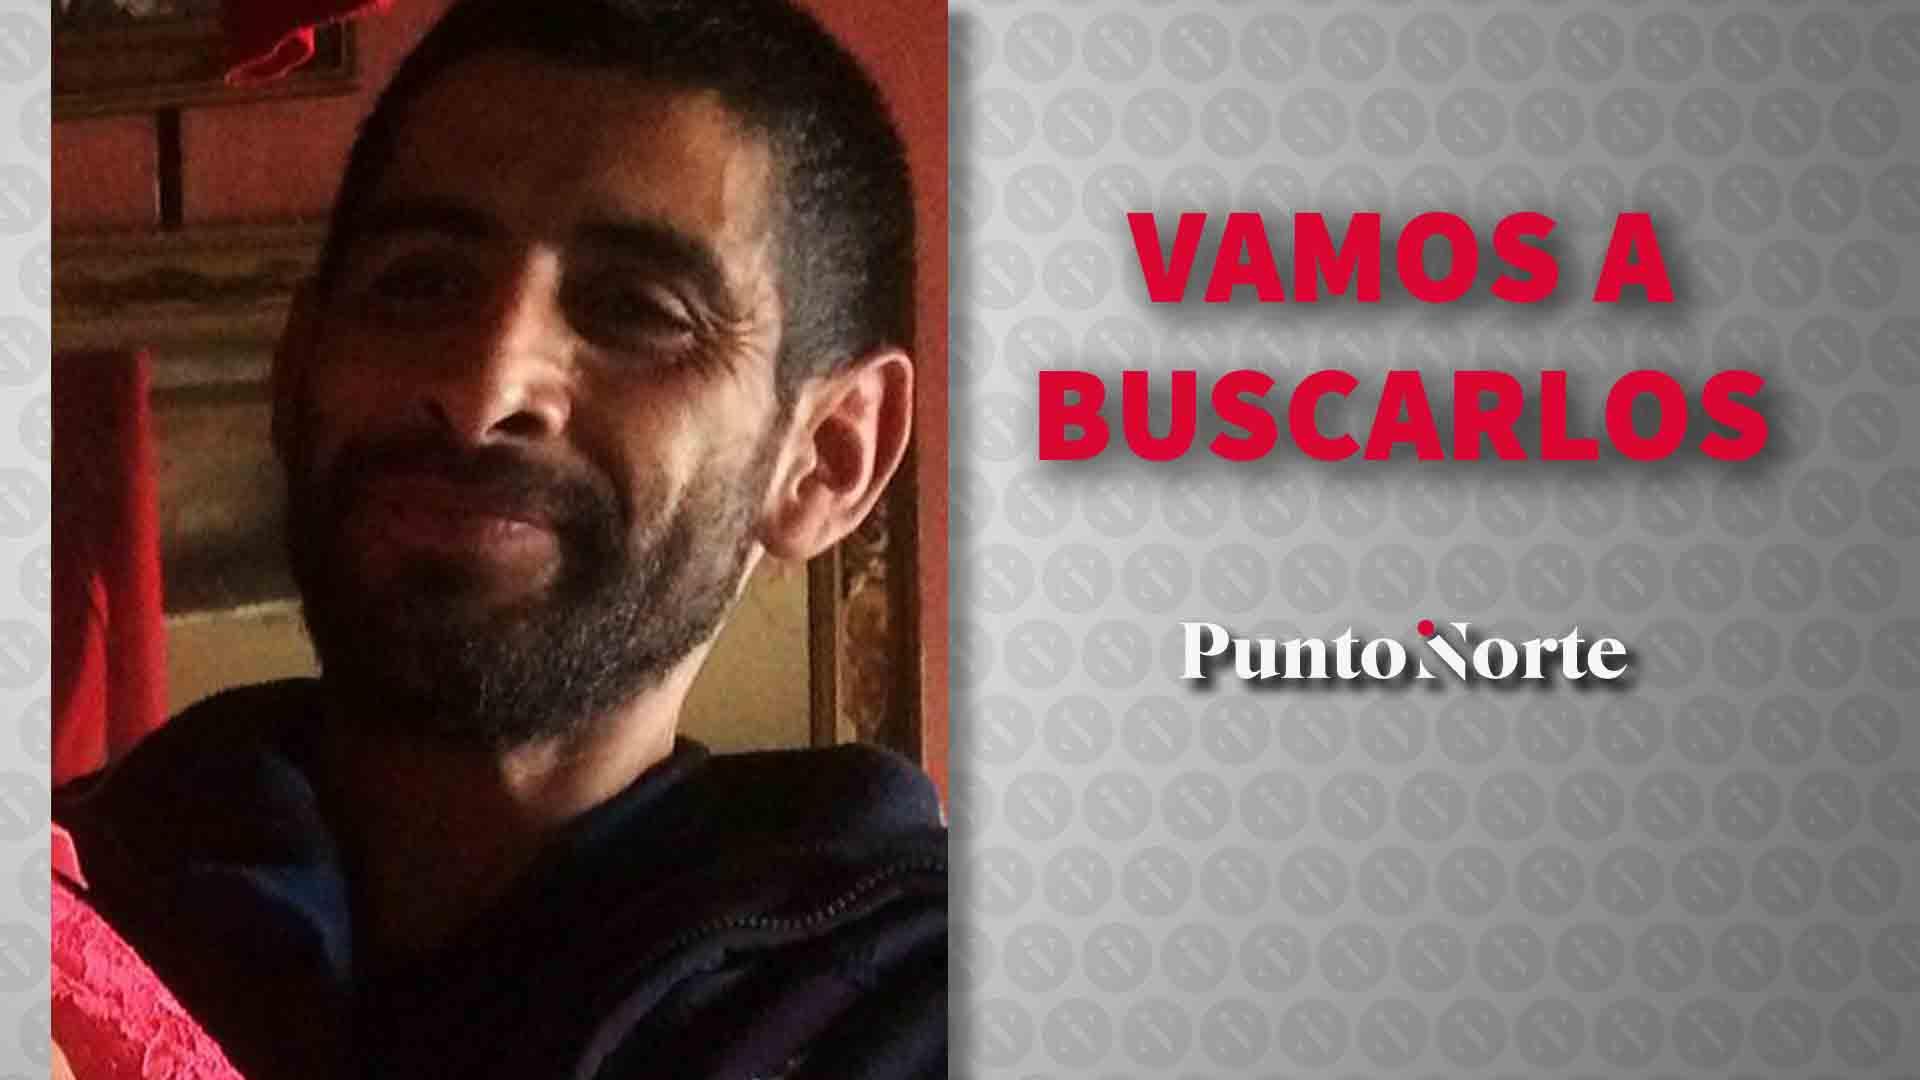 Andrés Garibay Cano de 36 años, es de tez morena